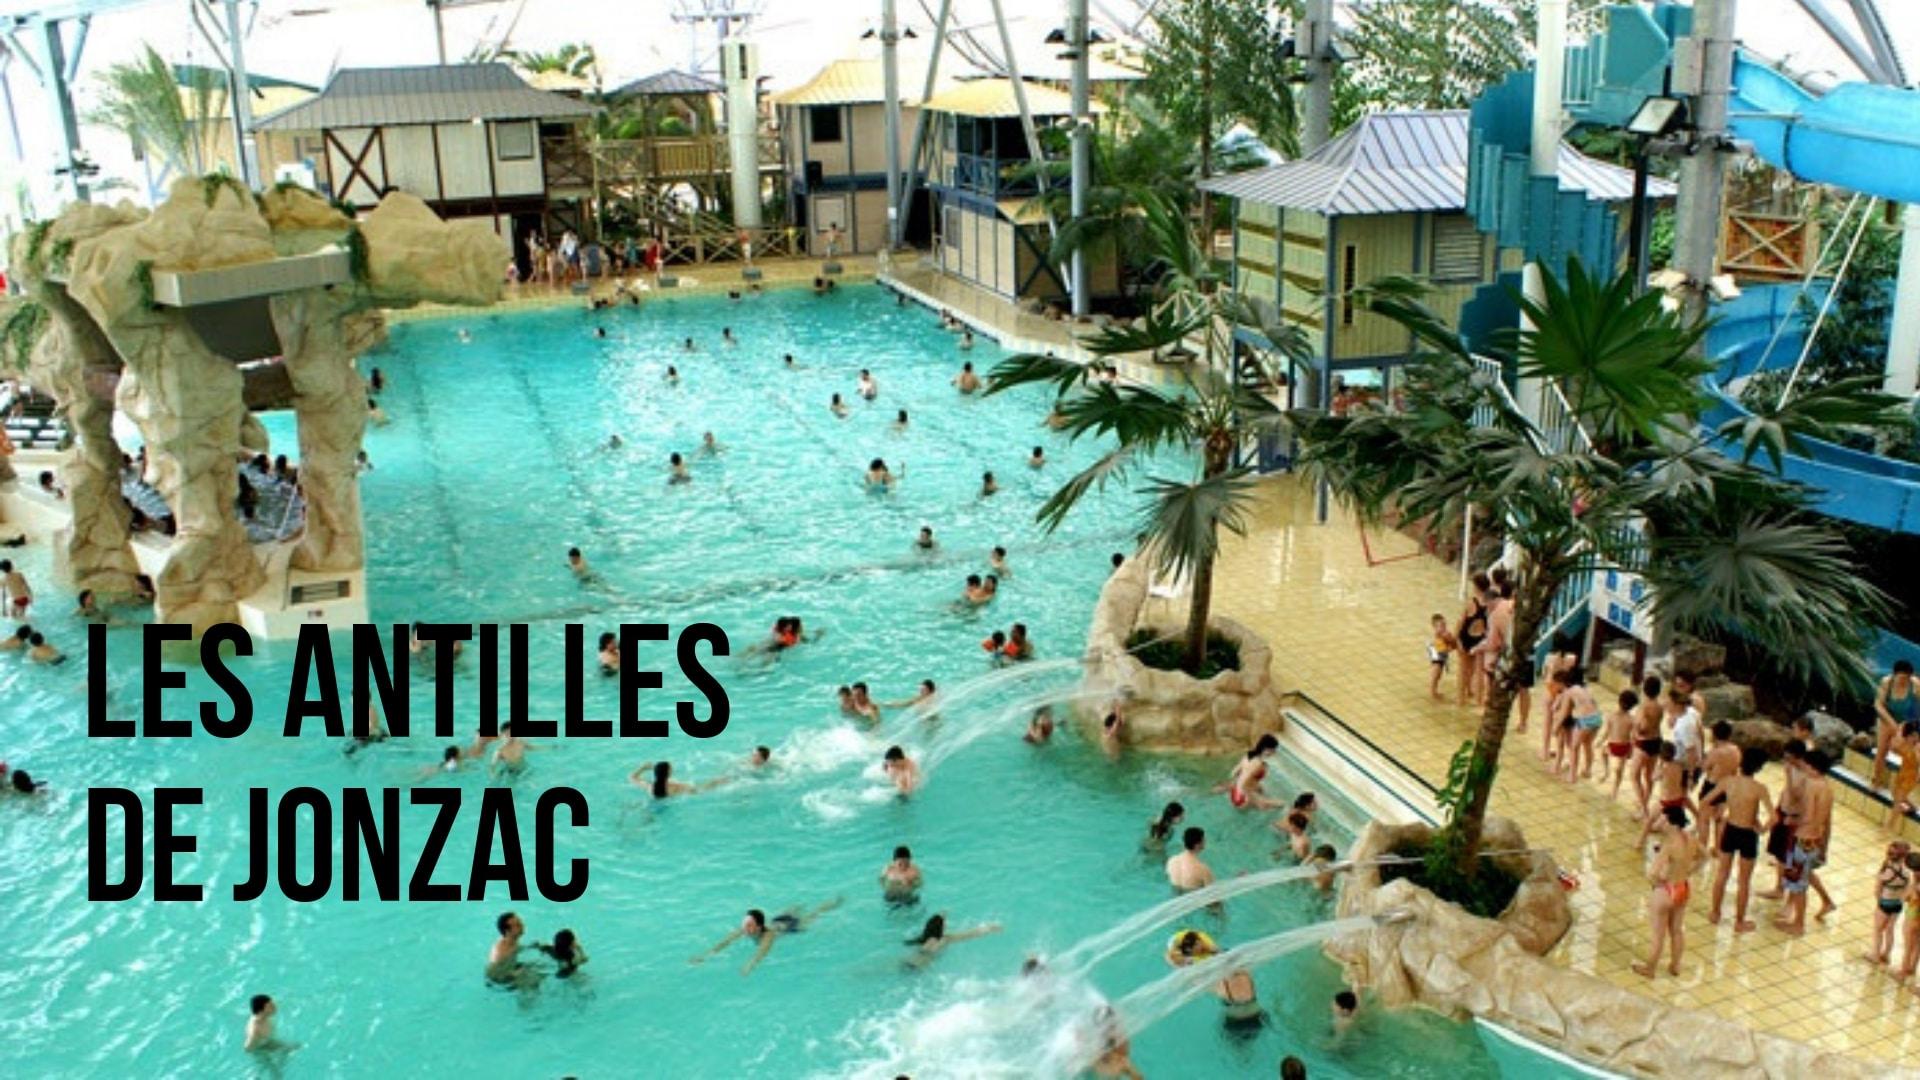 Les antilles de Jonzac (à 20 min)